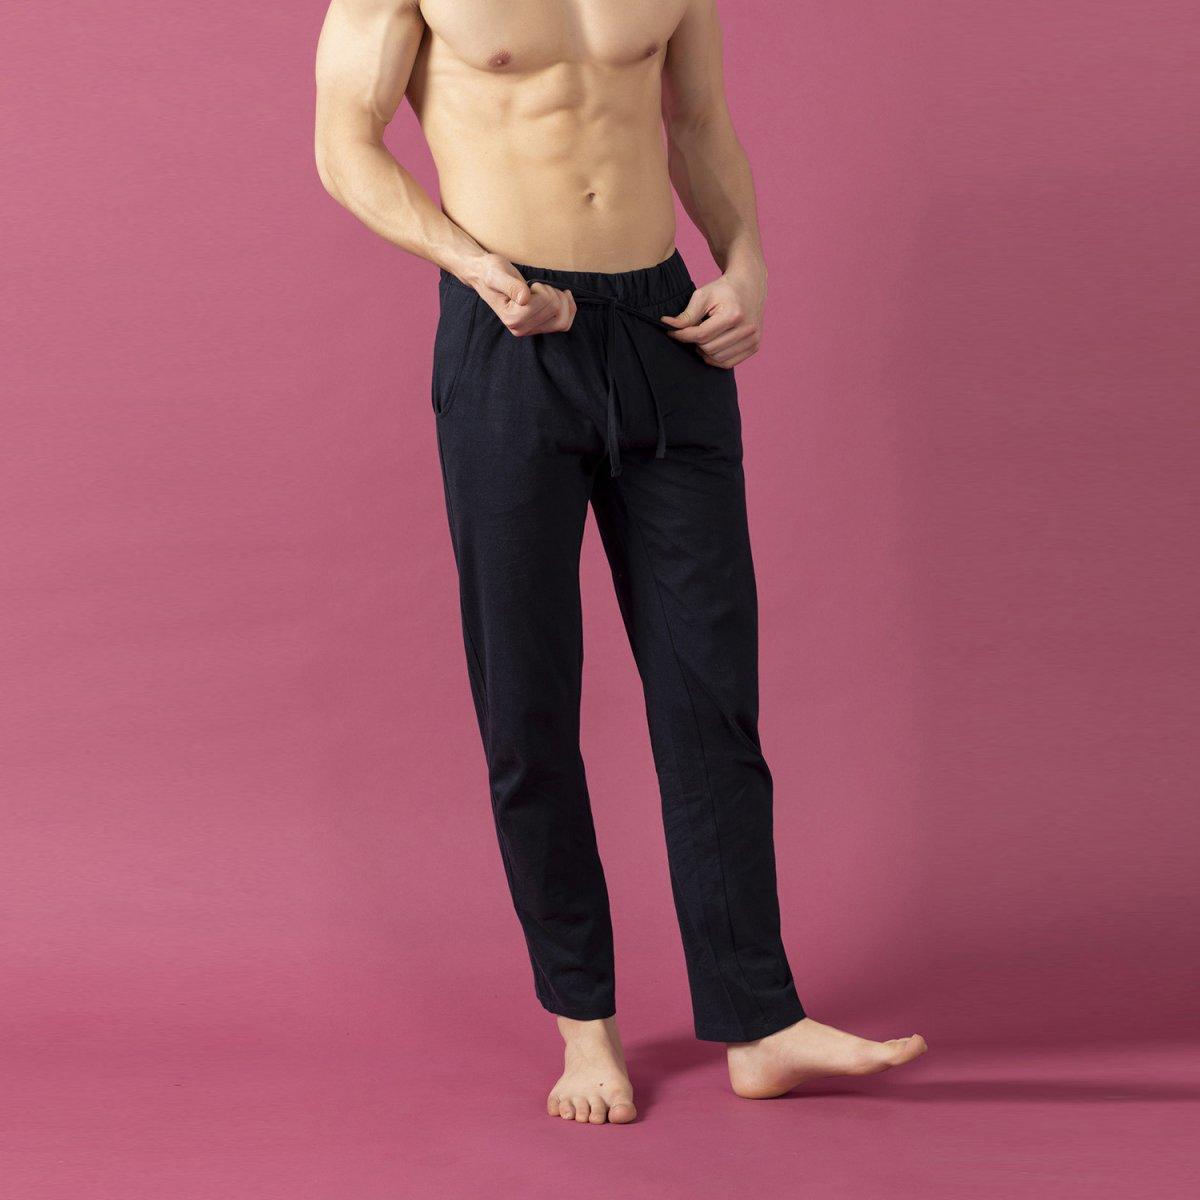 Pantaloni sport e tempo libero Leggeri da uomo in cotone Biologico